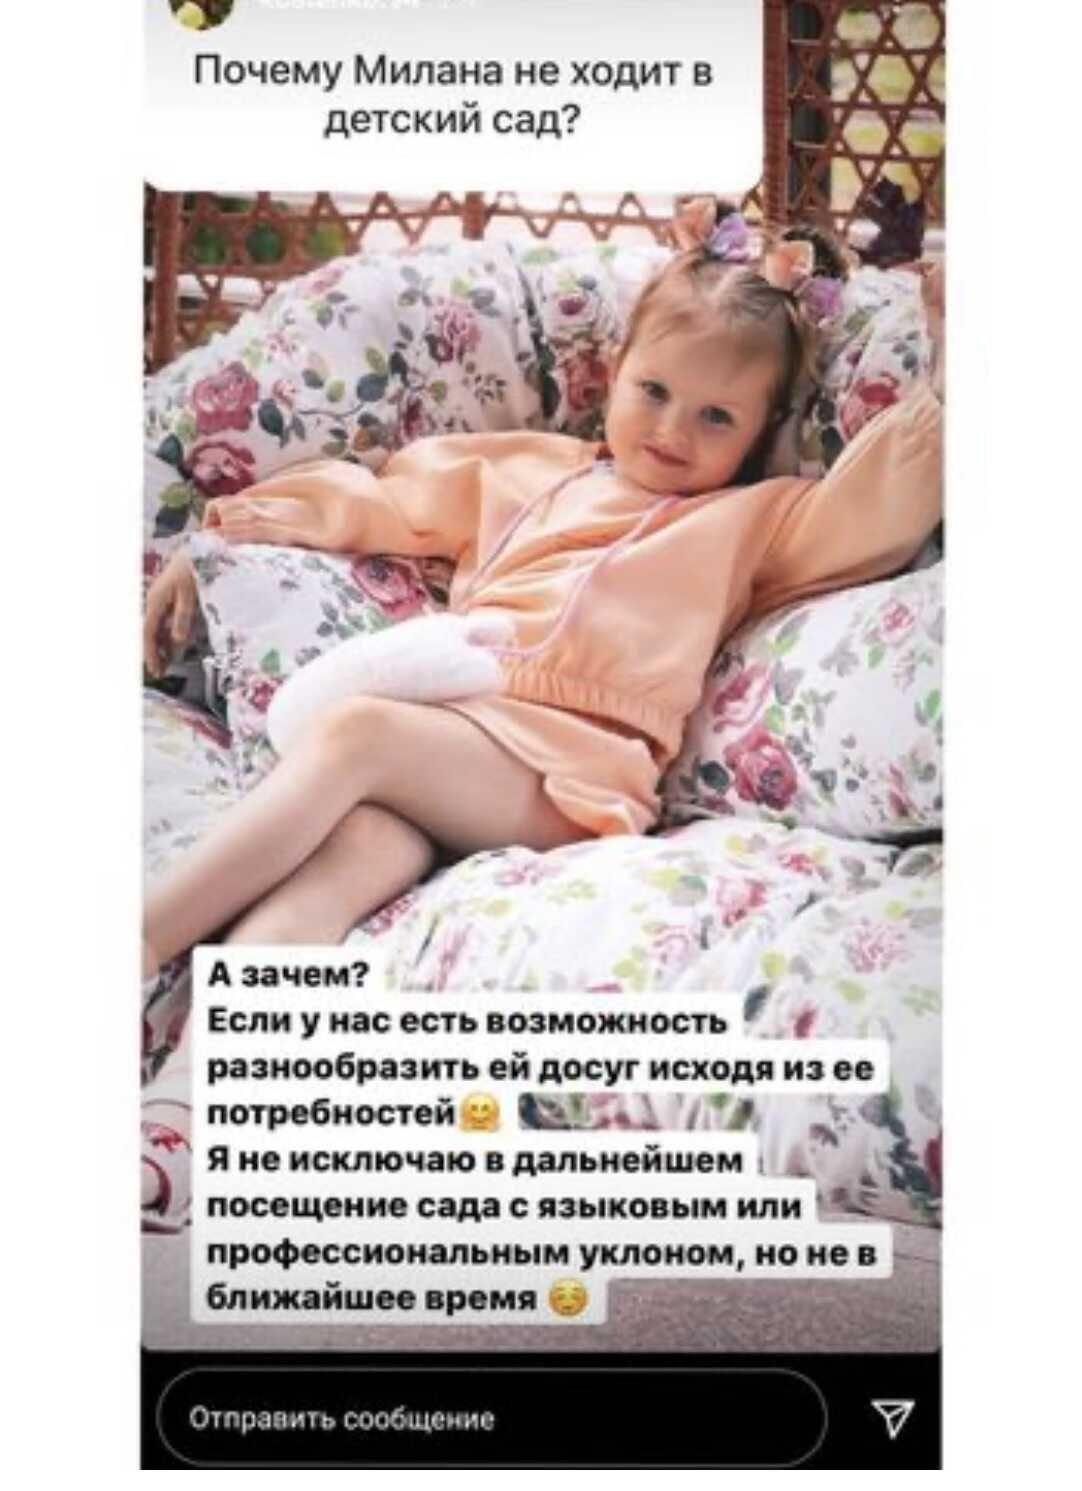 Почему дочь Анастасии Костенко и Дмитрия Тарасова не ходит в детский сад